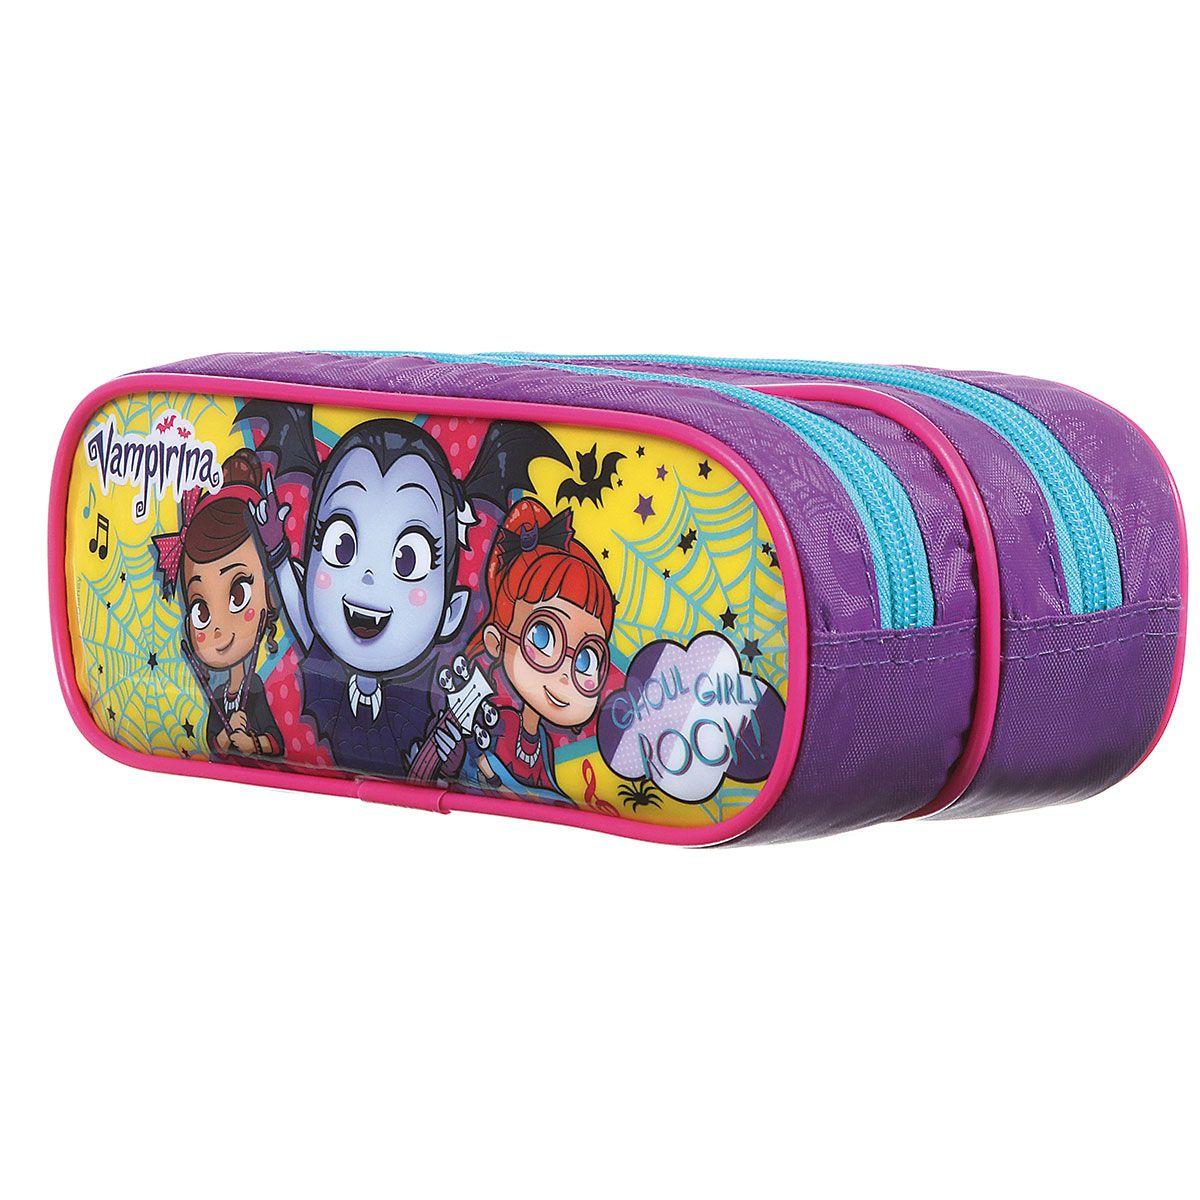 Kit Mochila Escolar Vampirina - Ghoul Girls Rock Disney + Lancheira + Estojo